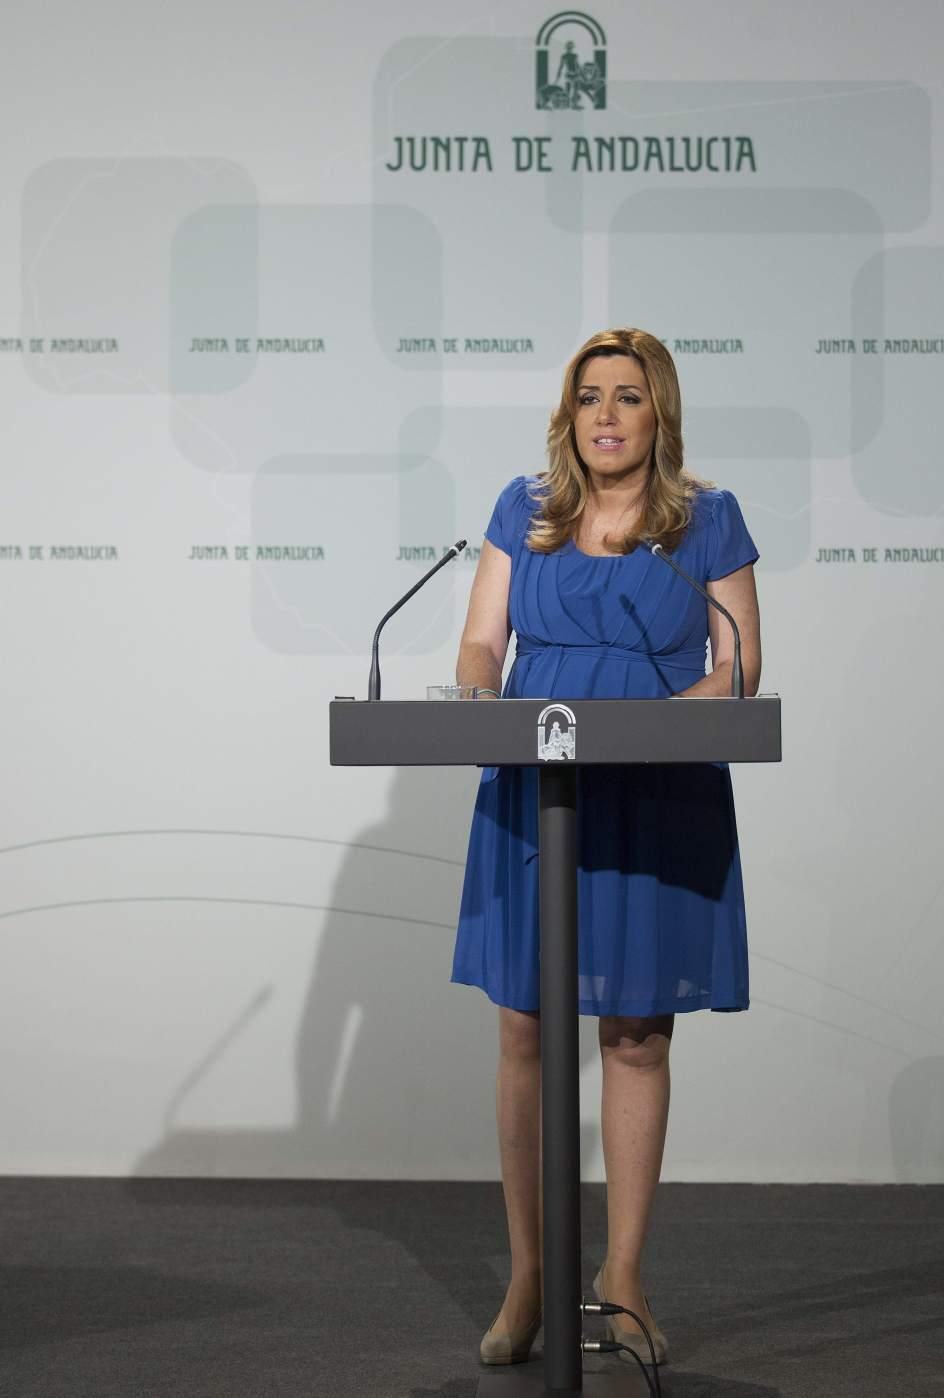 La junta de andaluc a tiene 238 altos cargos 222 eventuales y m s de coches oficiales - Pisos de la junta de andalucia ...